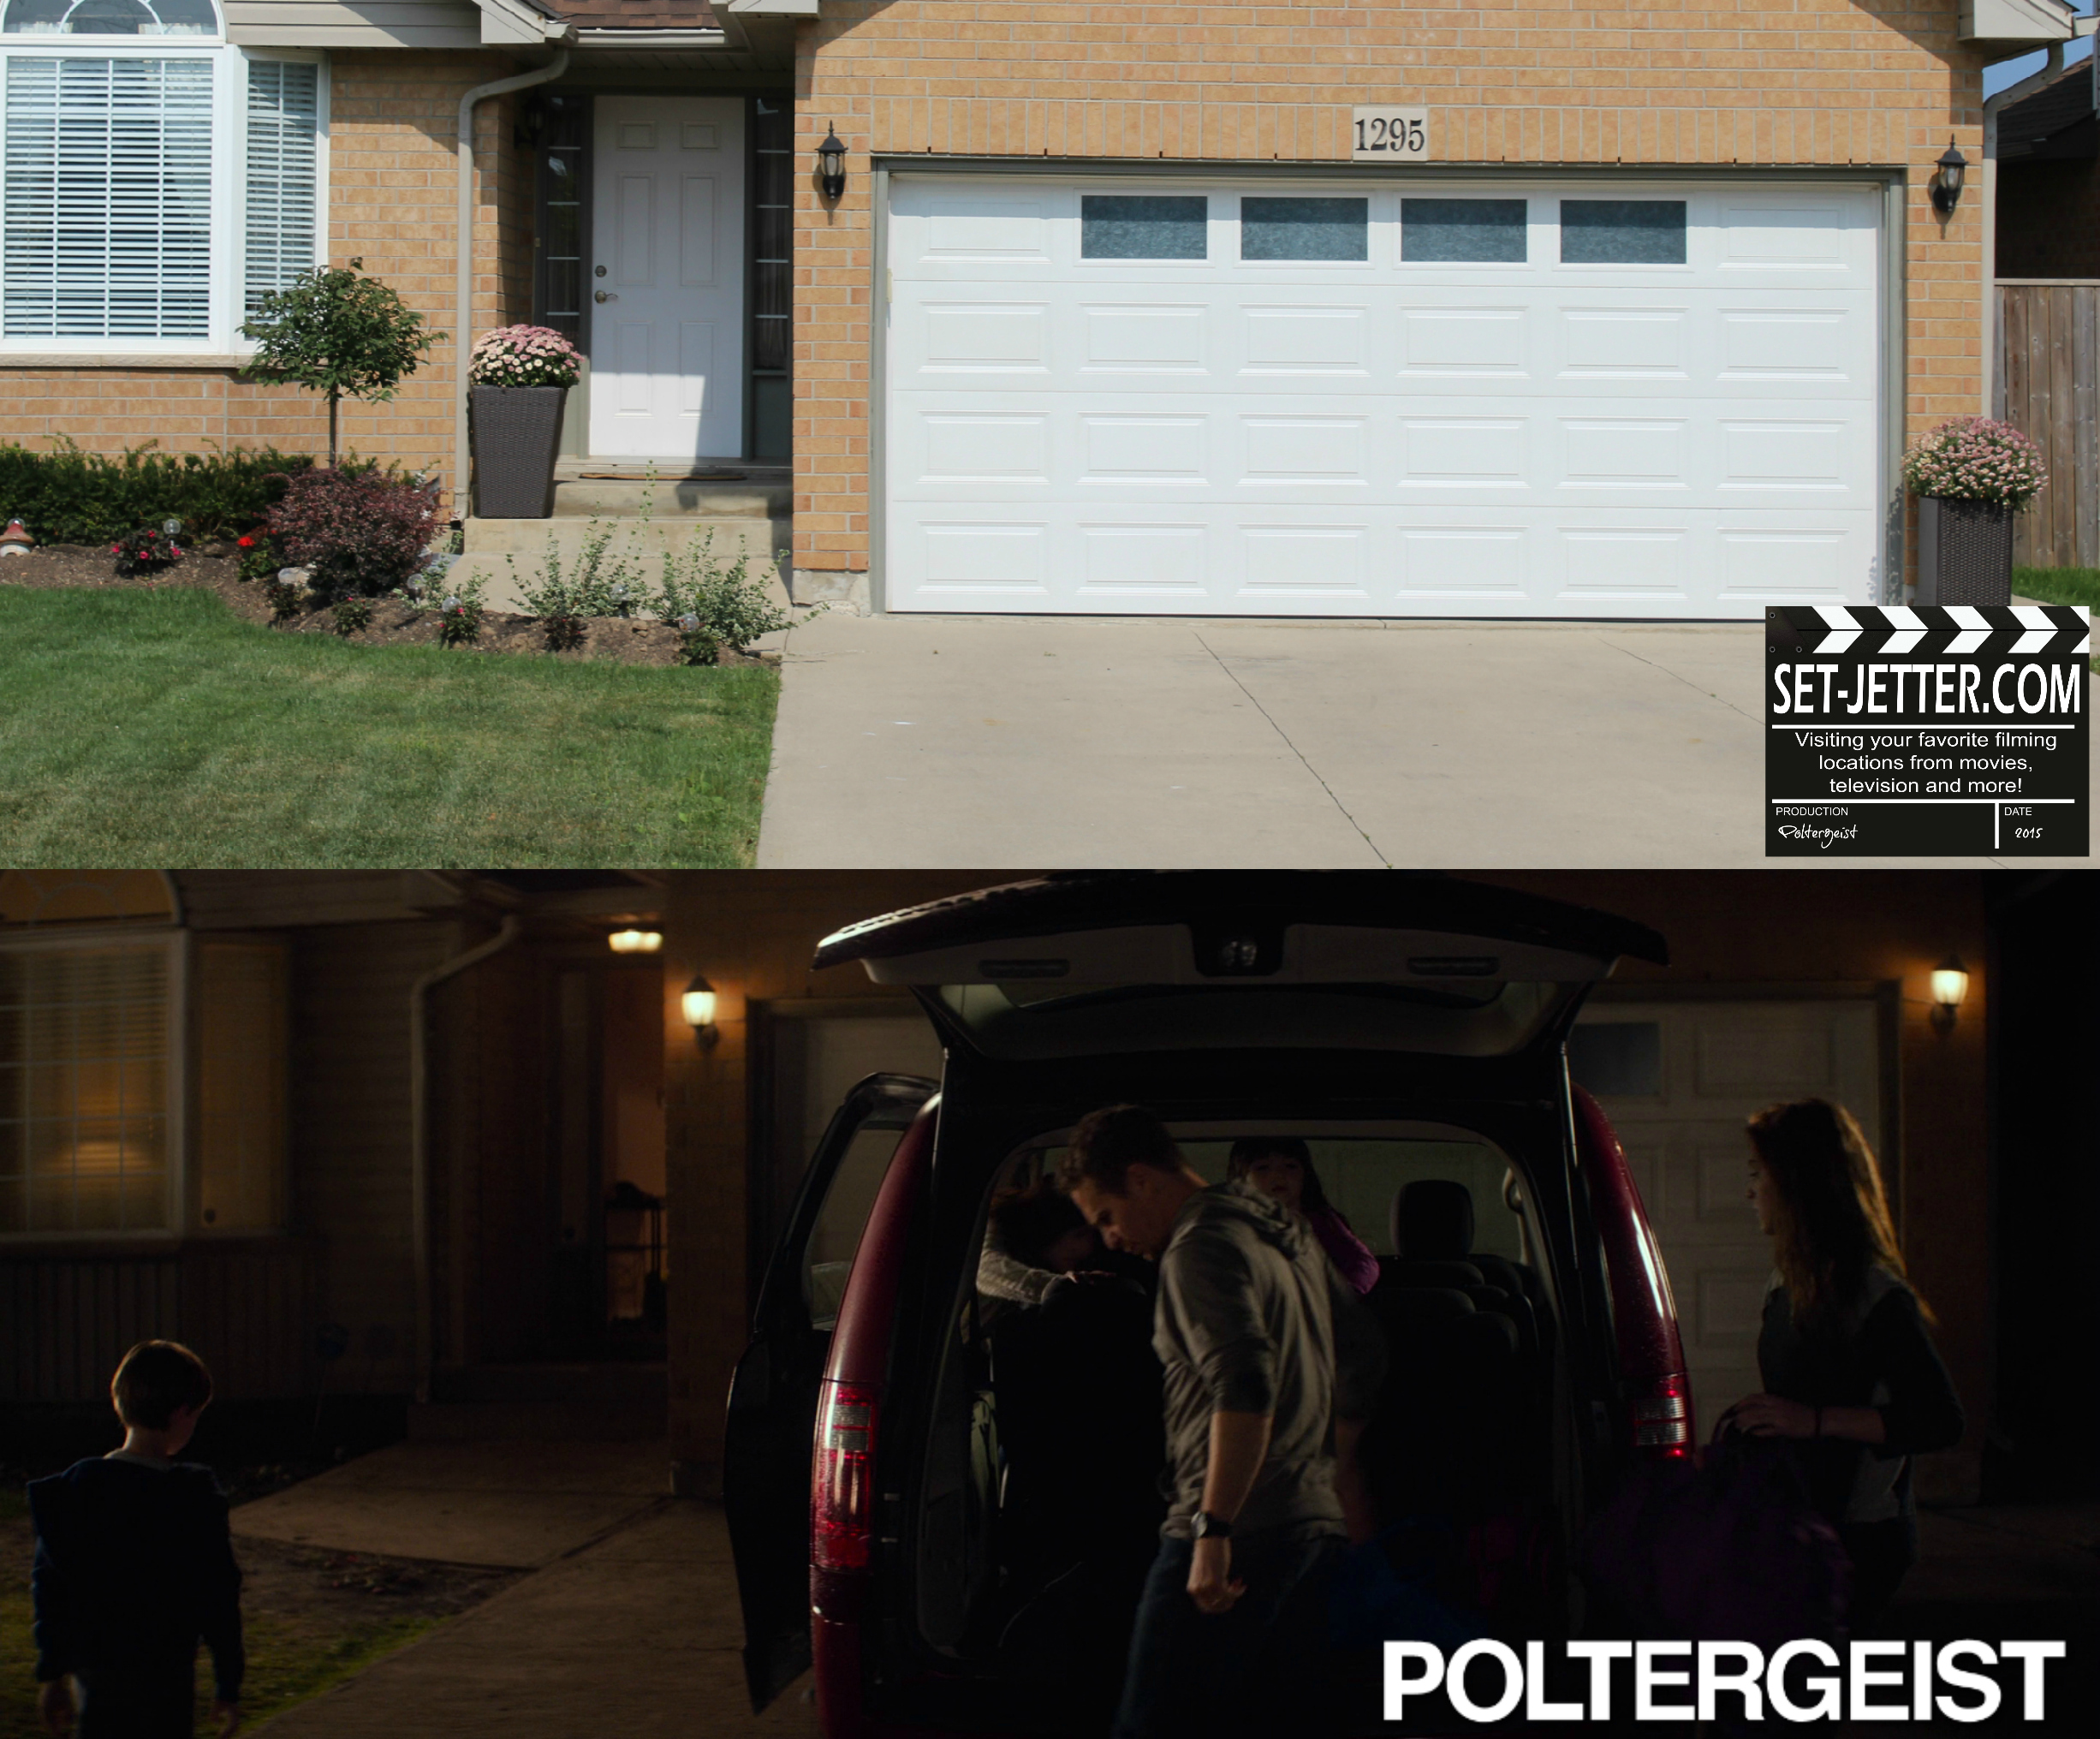 Poltergeist comparison 104.jpg